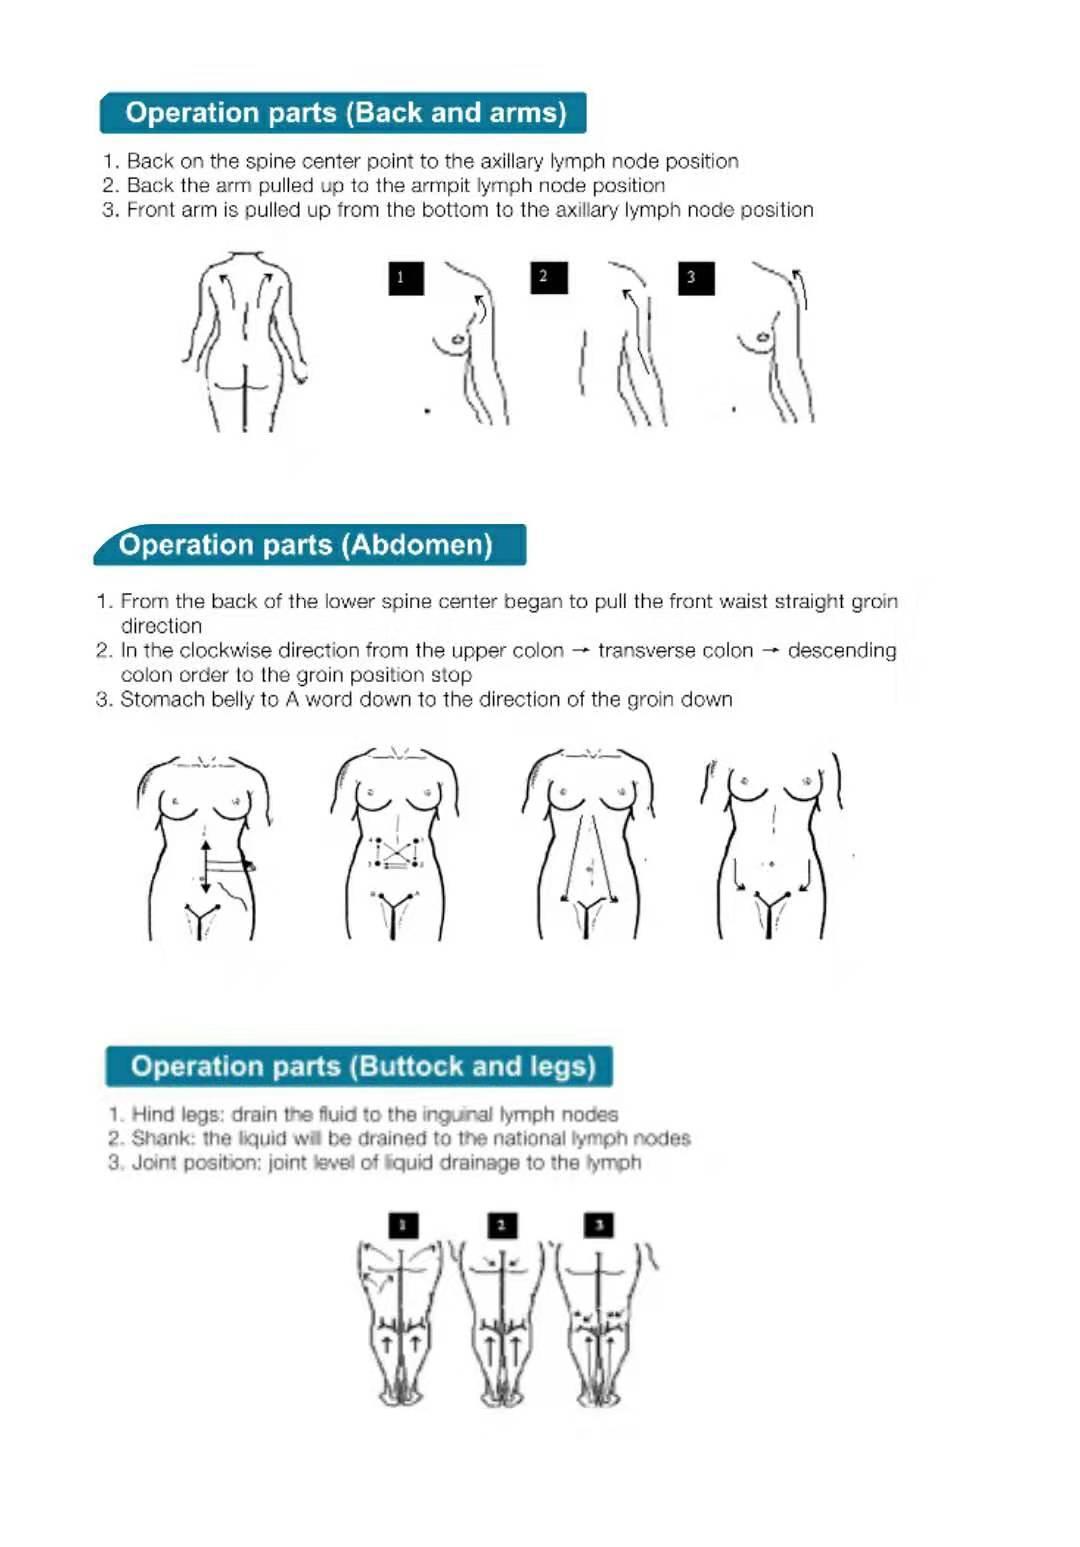 80 K Siêu Âm Cavitation Trọng Lượng Giảm Cân Máy/RF Loại Bỏ Cellulite 40 K Chân Không Cavitation Cơ Thể Giảm Béo Máy